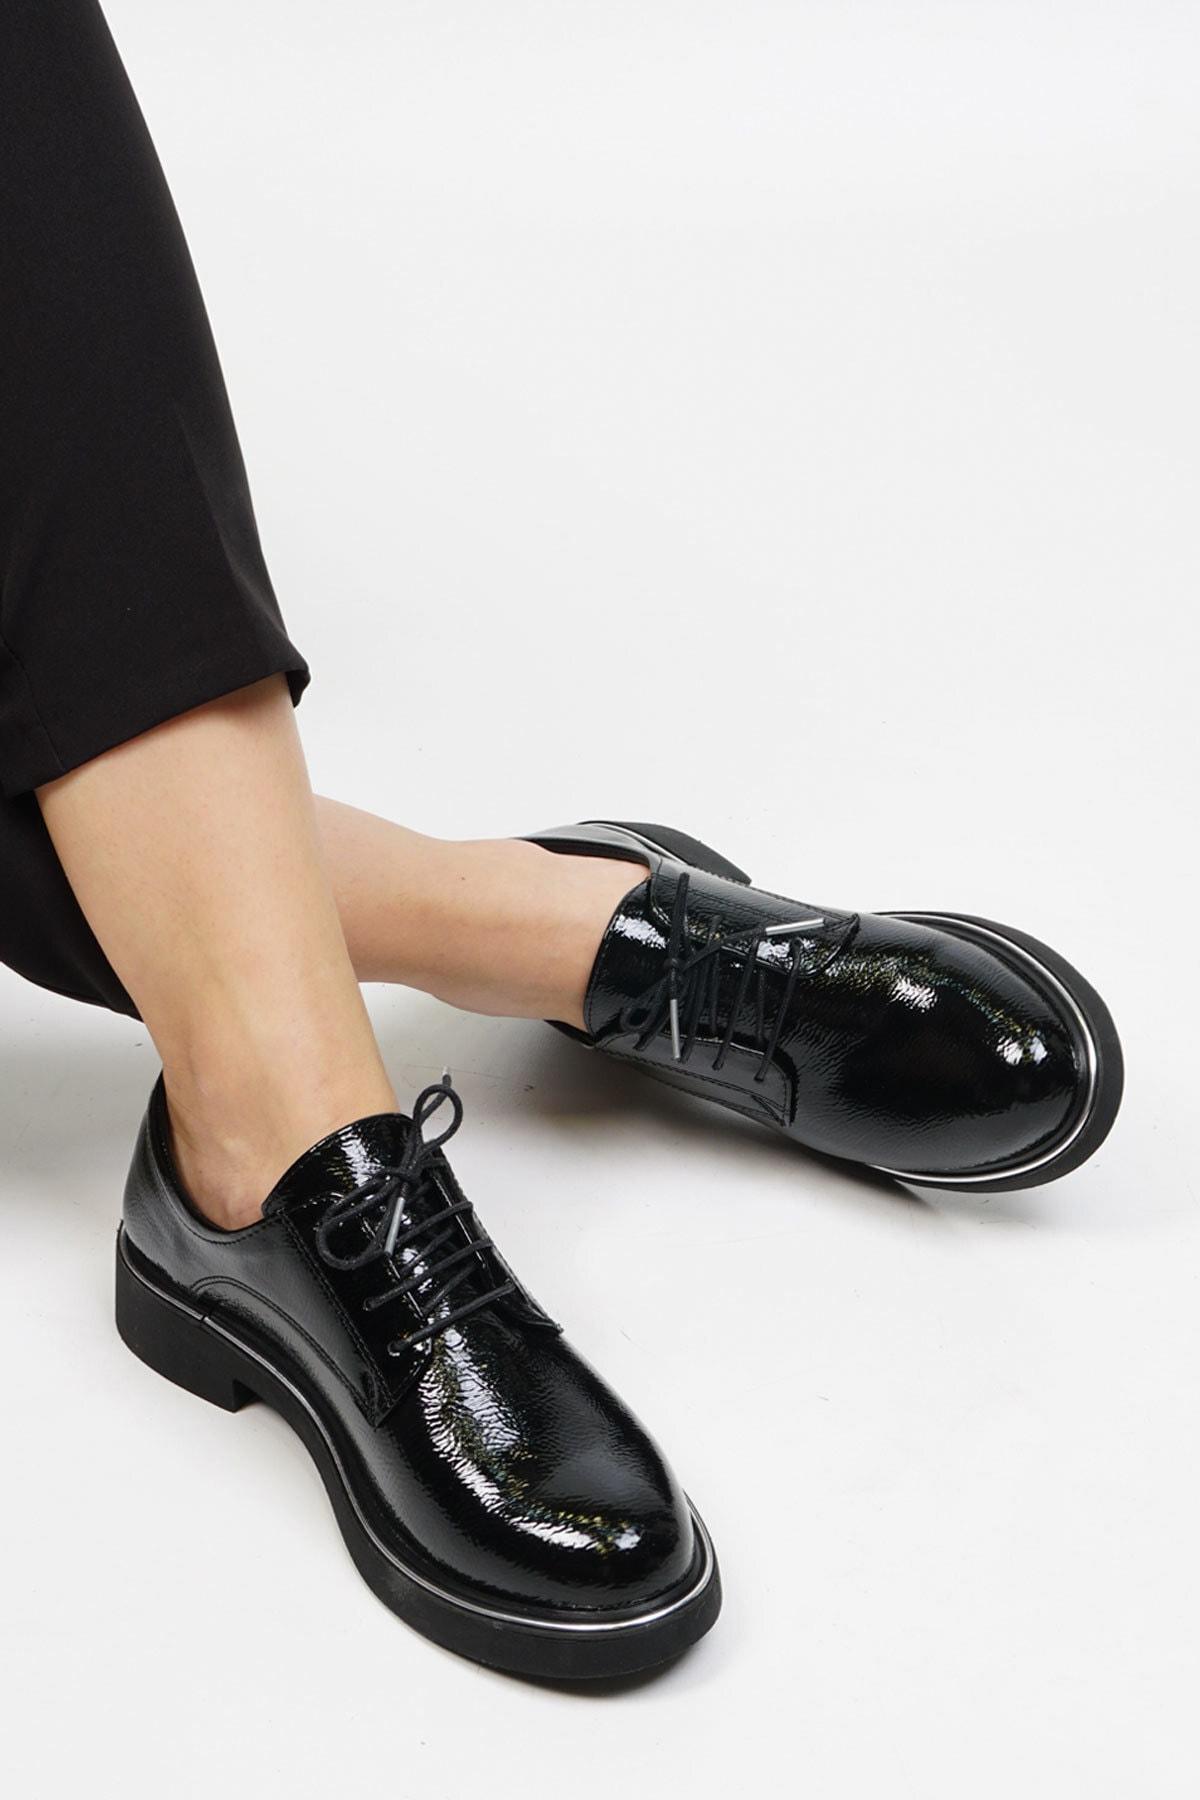 Marjin Siyah Rugan Kadın Terva Günlük Oxford Ayakkabı 19K0140MC5040 2